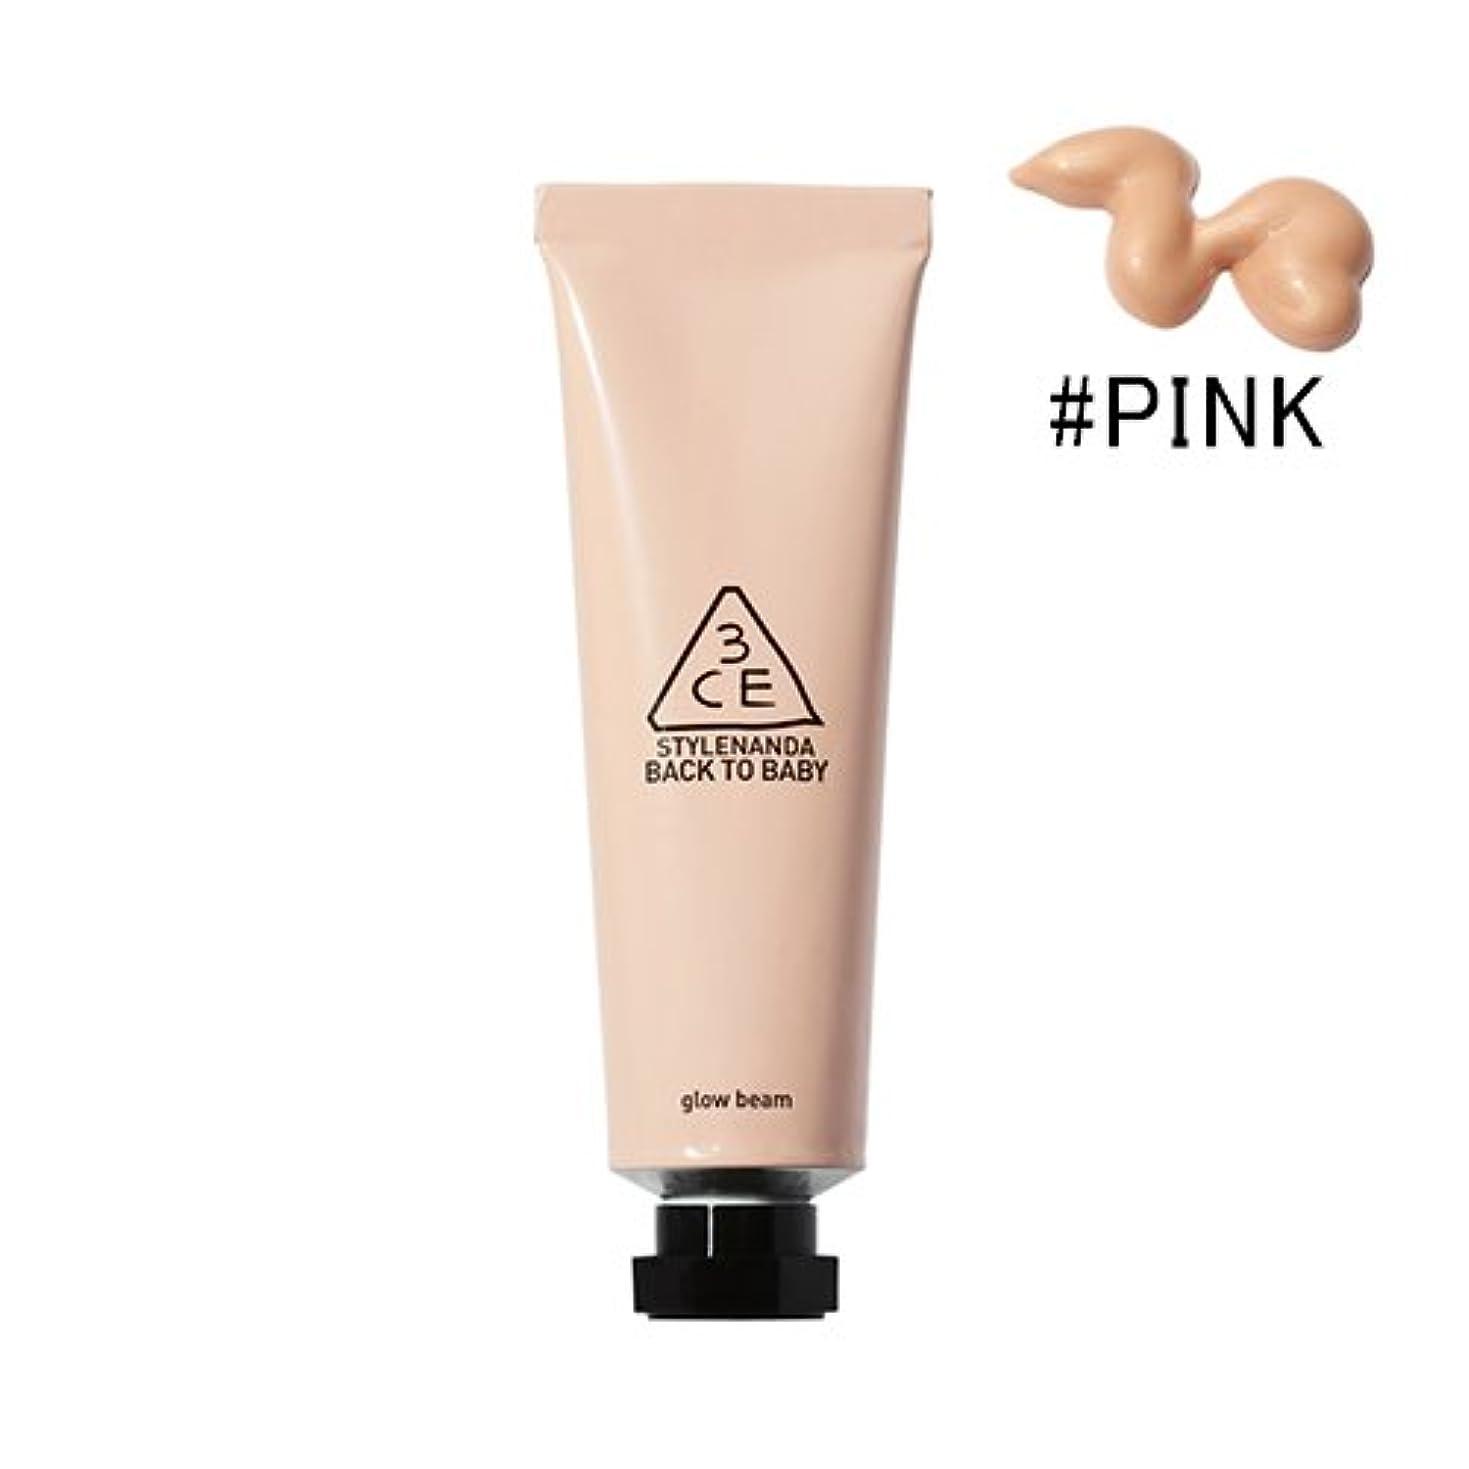 ごちそう下線社会主義[3CE] バックトゥベビー グロービーム 3CE Glow Beam Cream Pink